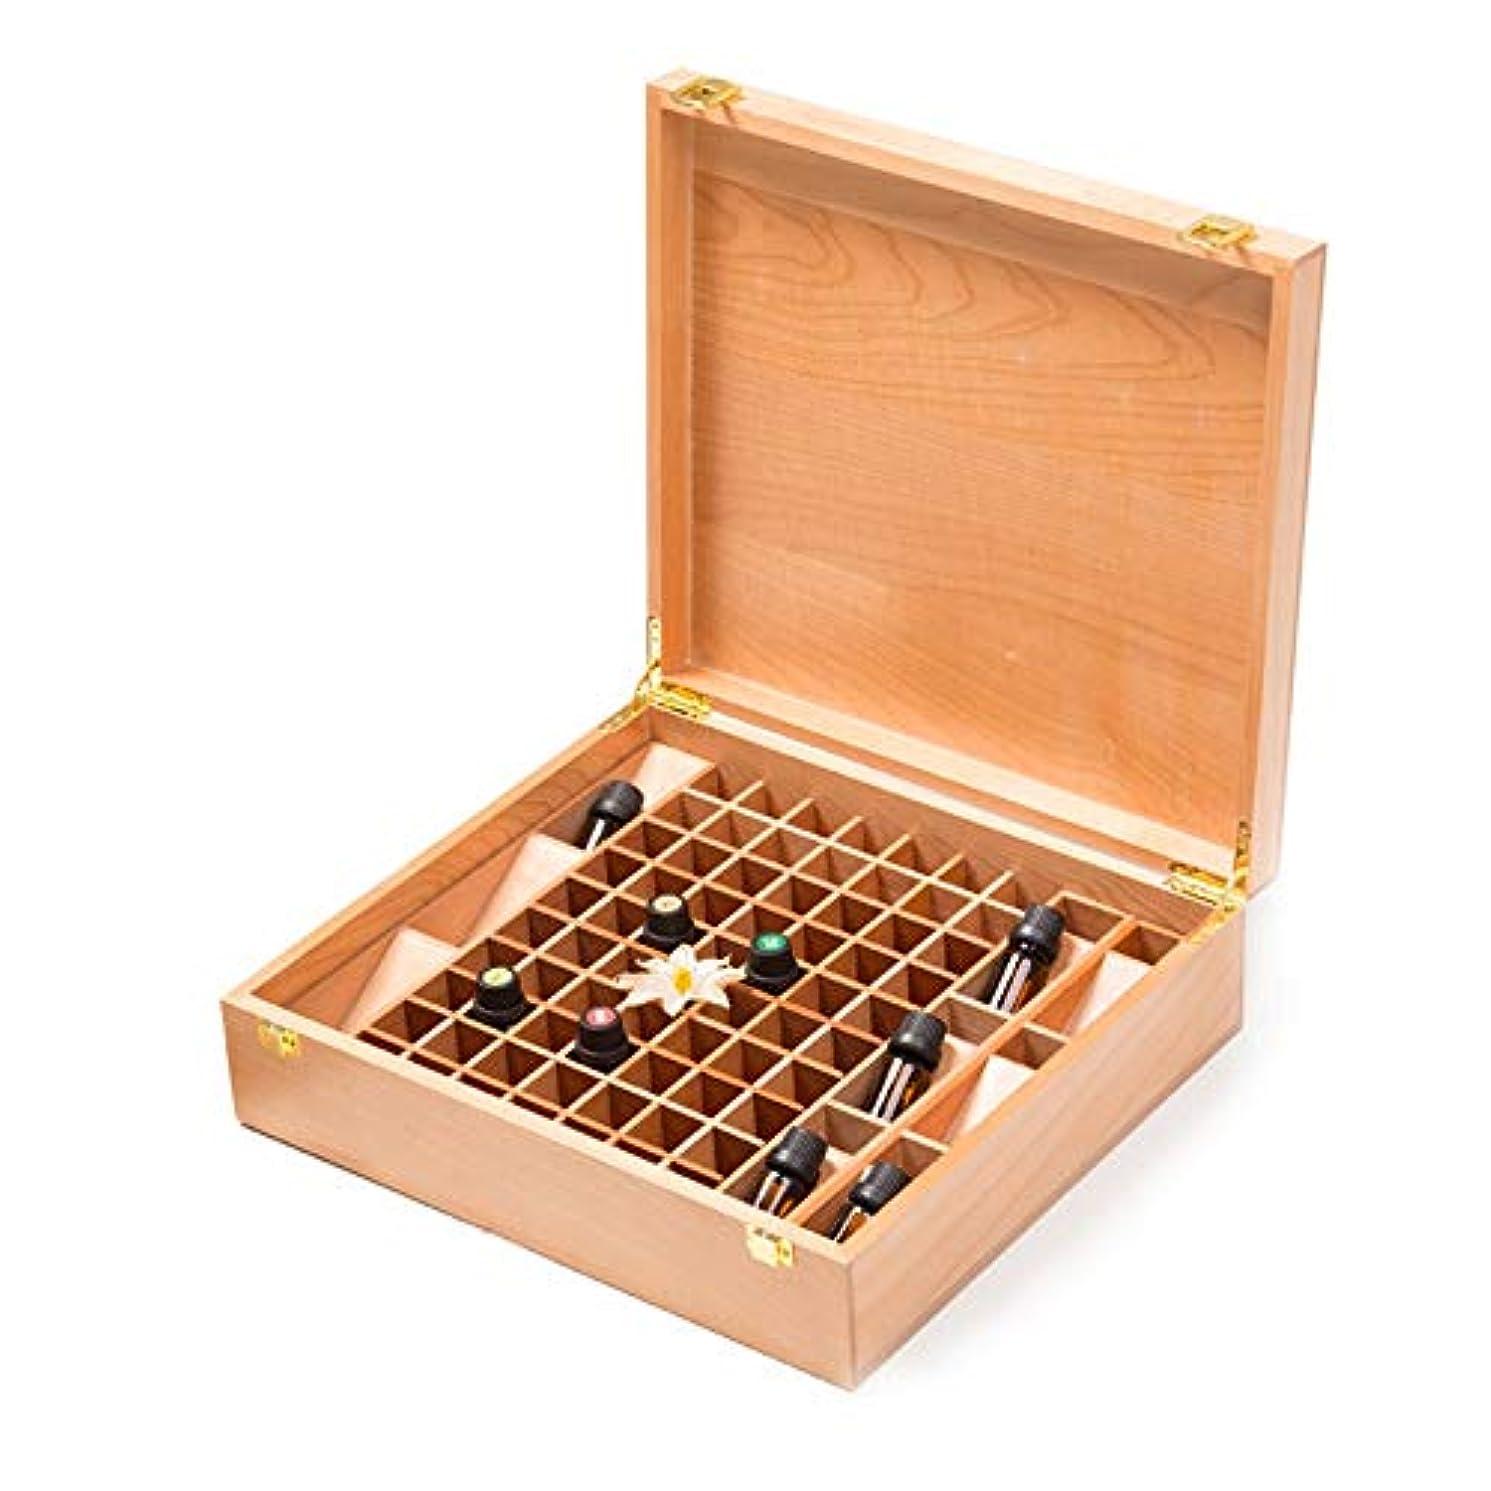 医薬品太平洋諸島精度エッセンシャルオイルの保管 手作りの木製エッセンシャルオイルストレージボックスパーフェクトエッセンシャルオイルのケースは、70の油のボトルを保持します (色 : Natural, サイズ : 44X31.5X10.5CM)